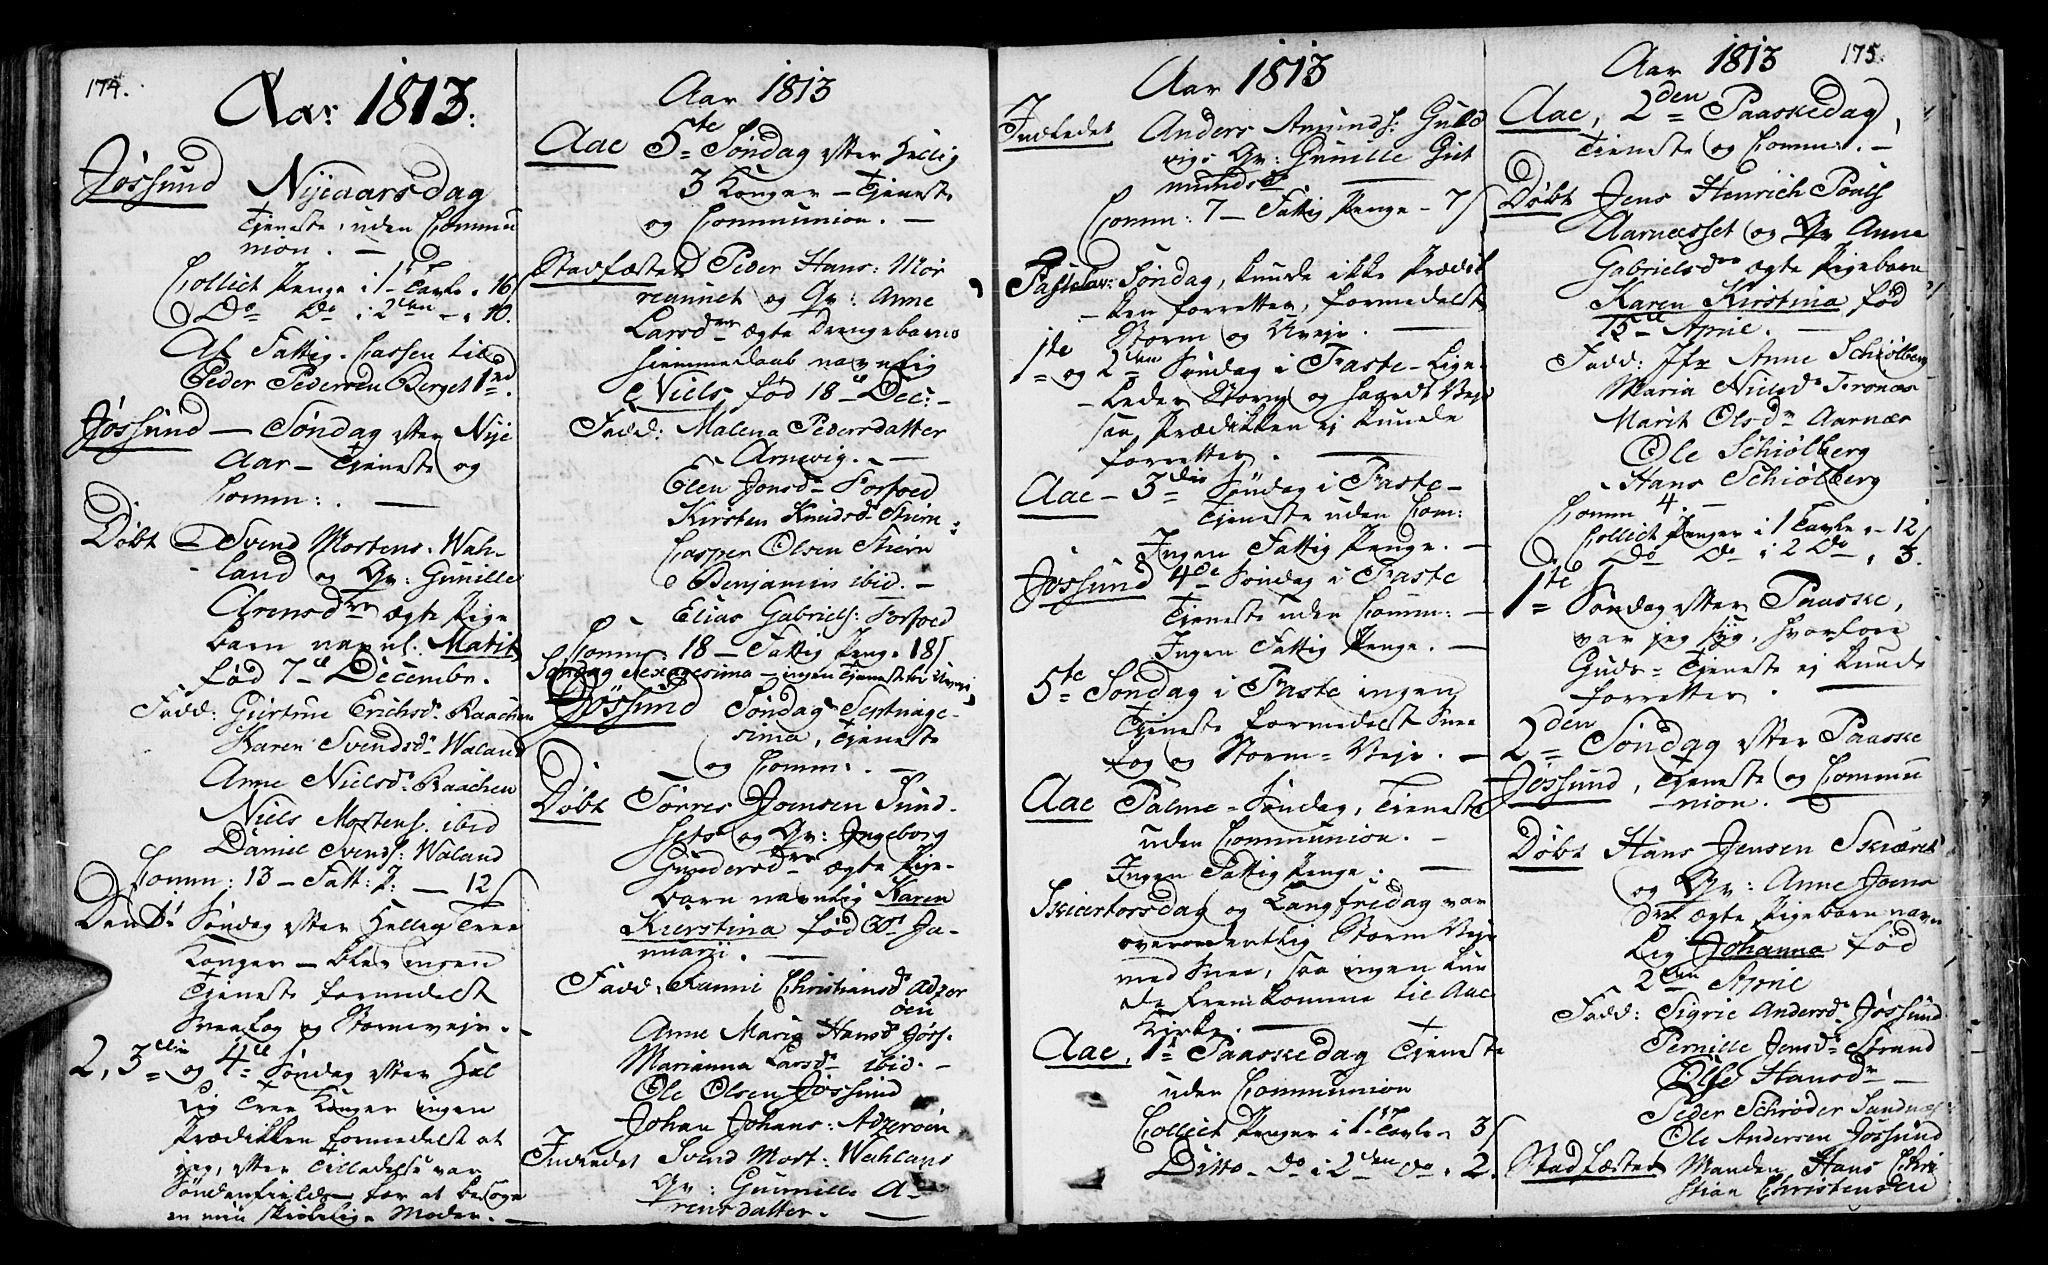 SAT, Ministerialprotokoller, klokkerbøker og fødselsregistre - Sør-Trøndelag, 655/L0674: Ministerialbok nr. 655A03, 1802-1826, s. 174-175